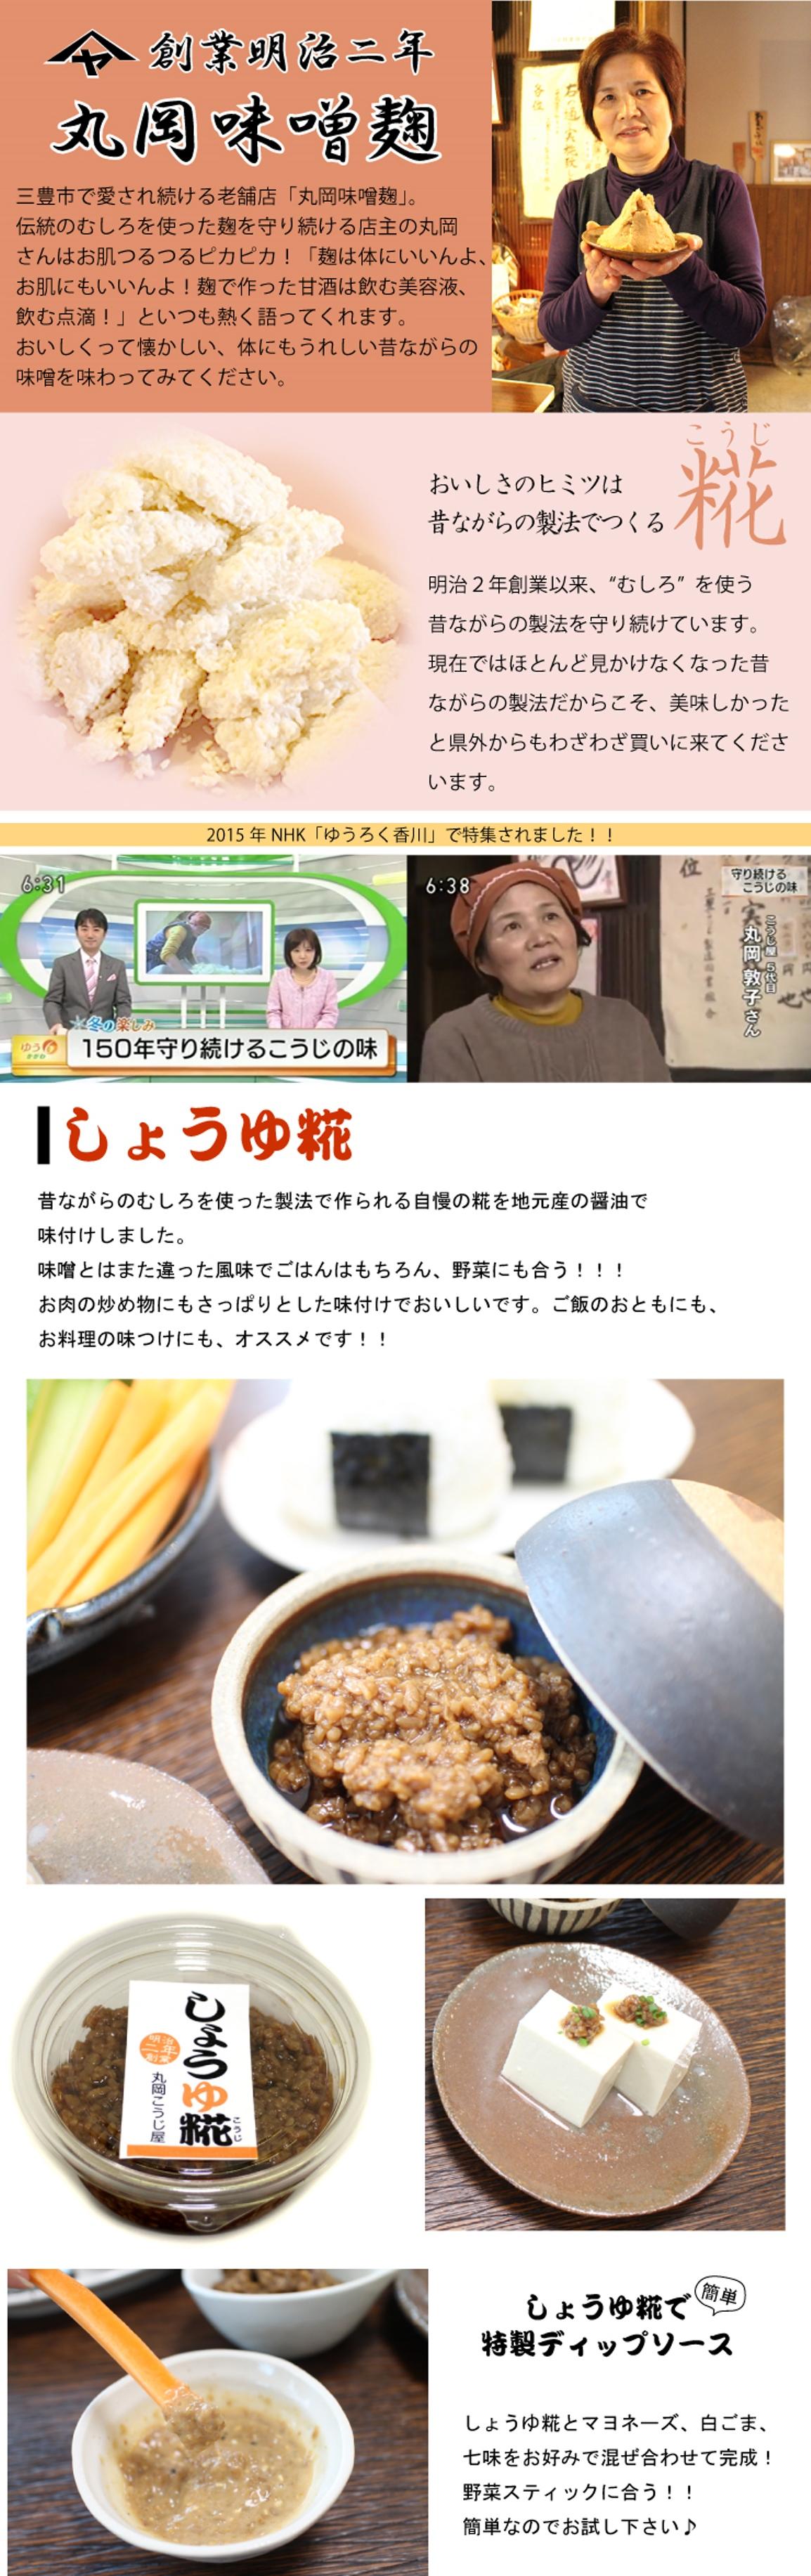 自慢の麹と地元の醤油で作ったしょうゆ糀は、野菜にもお肉にもお魚にも使える万能調味料です。